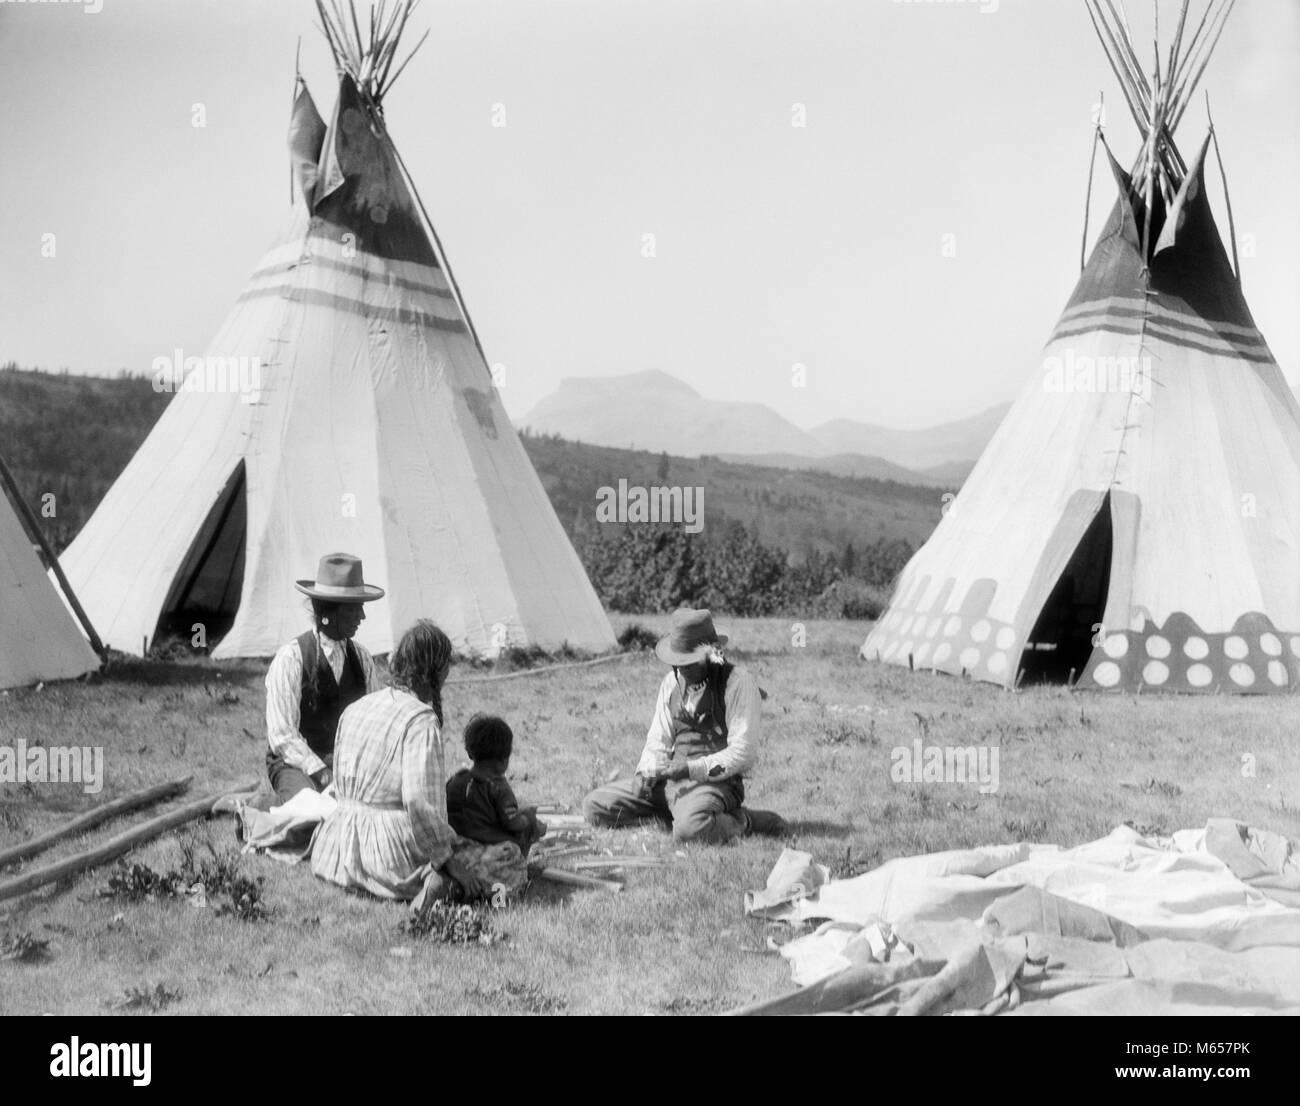 Amerikanische Frau aus indianischem Mann Post datiert